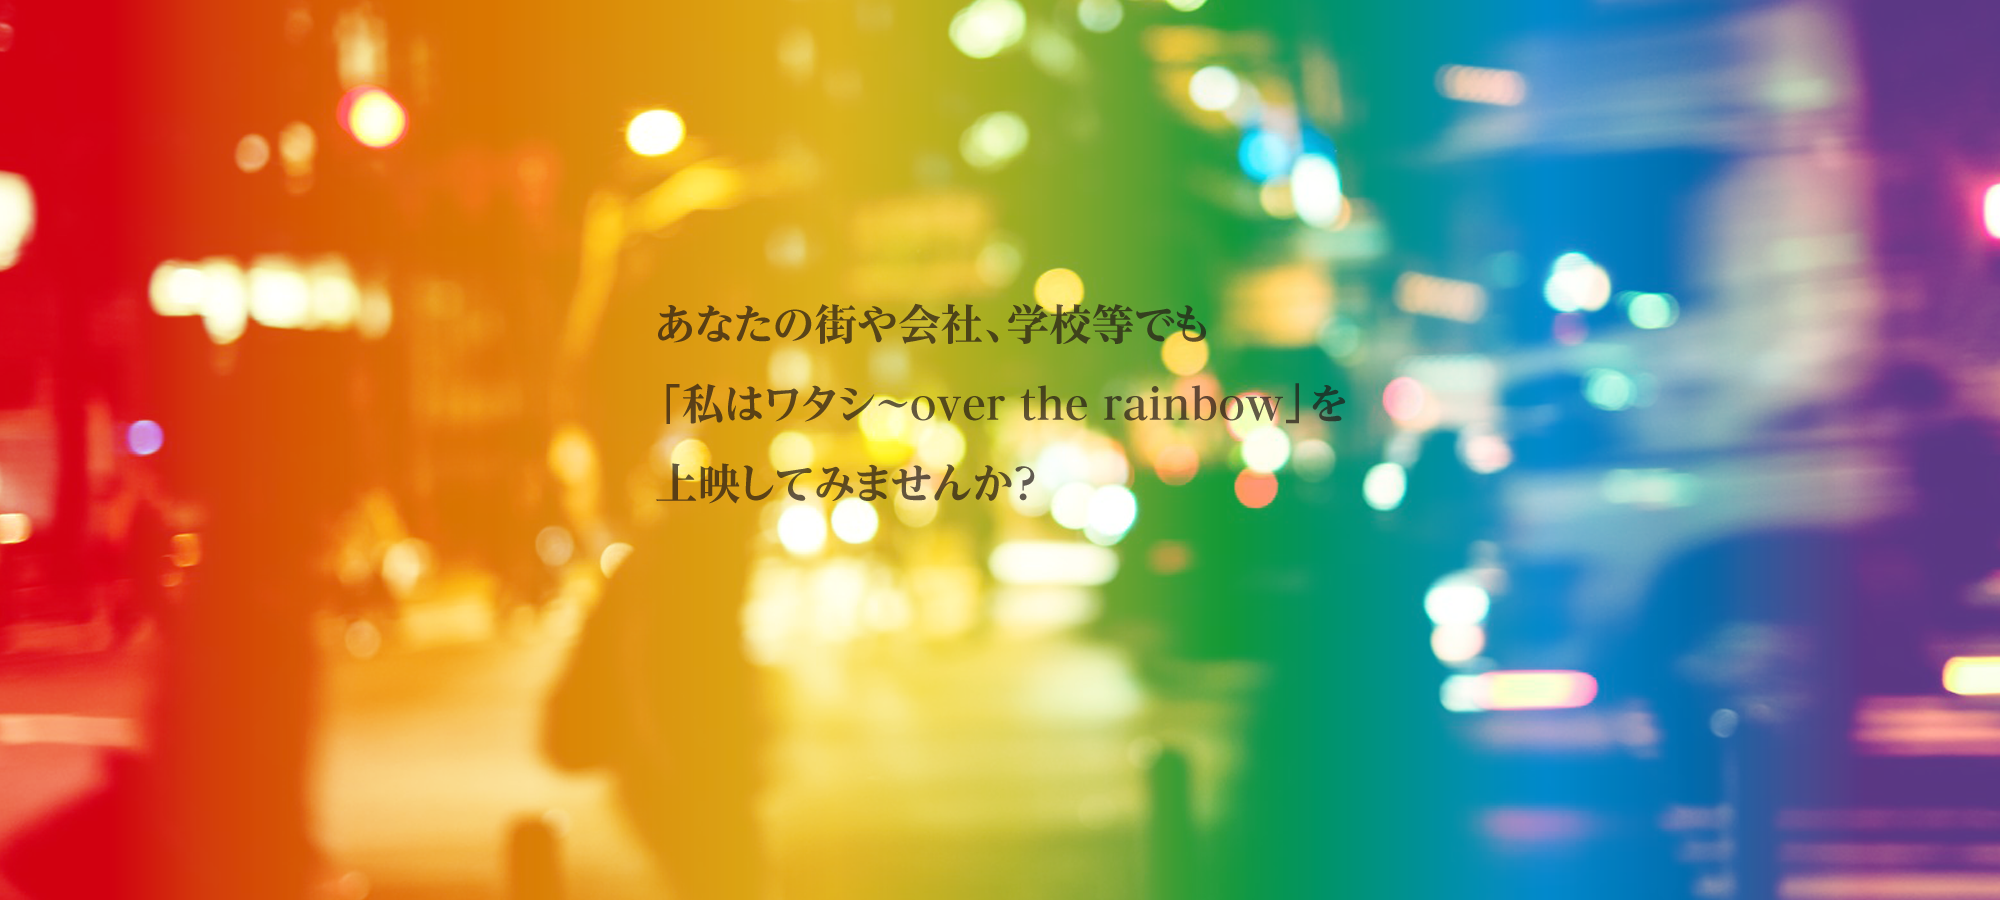 watashi_06